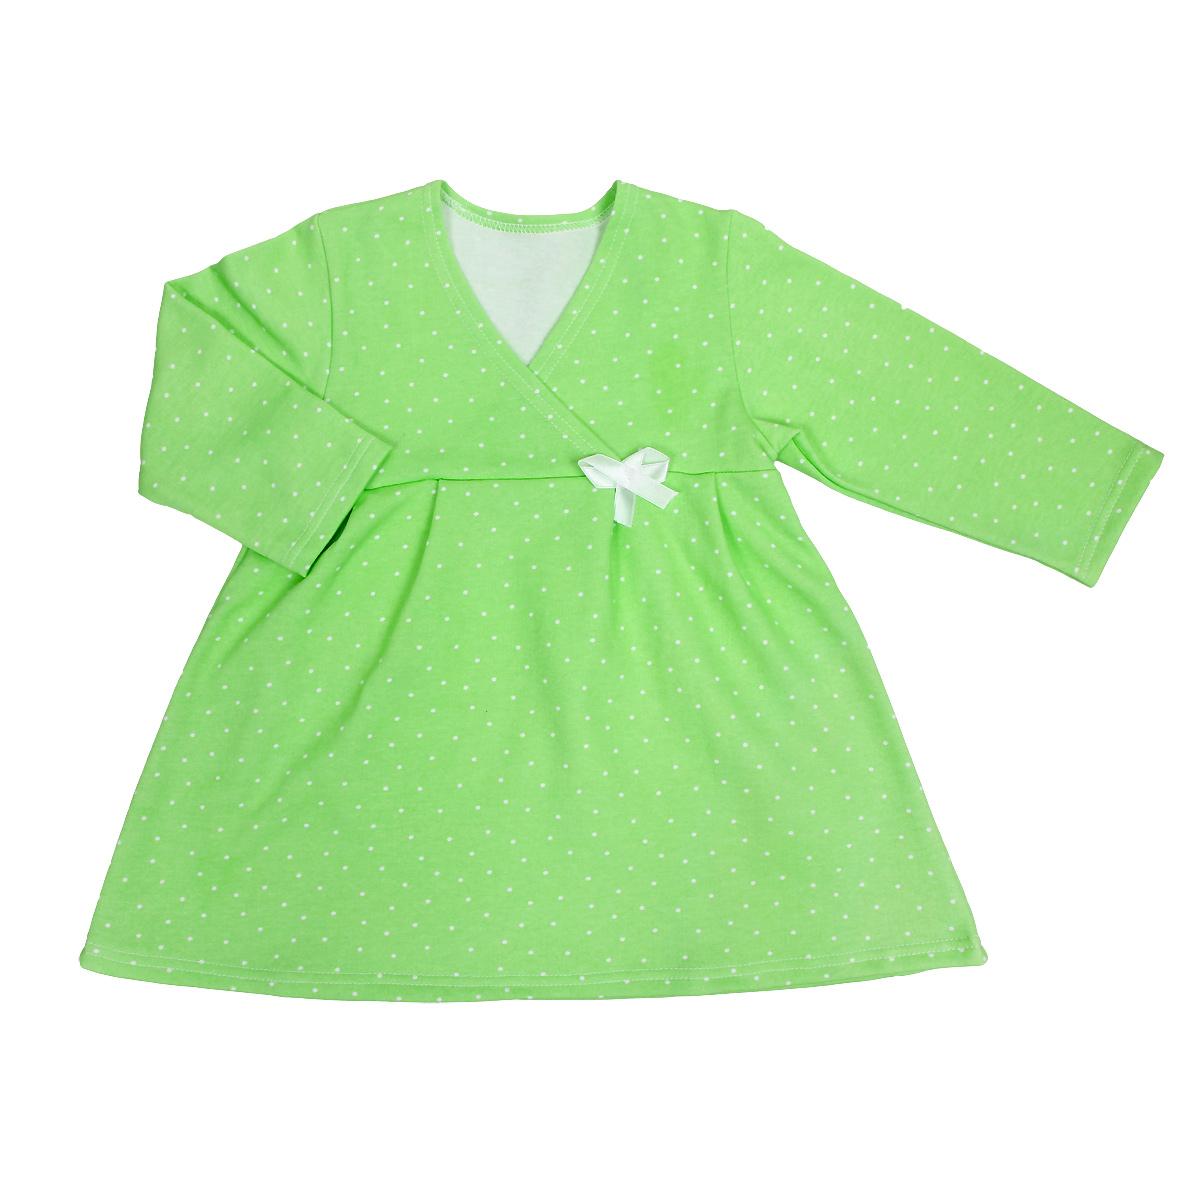 Сорочка ночная для девочки Трон-плюс, цвет: салатовый, белый, рисунок горох. 5522. Размер 86/92, 2-3 года5522Яркая сорочка Трон-плюс идеально подойдет вашей малышке и станет отличным дополнением к детскому гардеробу. Теплая сорочка, изготовленная из футера - натурального хлопка, необычайно мягкая и легкая, не сковывает движения ребенка, позволяет коже дышать и не раздражает даже самую нежную и чувствительную кожу малыша. Сорочка трапециевидного кроя с длинными рукавами, V-образным вырезом горловины. Полочка состоит из двух частей, заходящих друг на друга. По переднему и заднему полотнищам юбки заложены небольшие складки. Сорочка оформлена атласным бантиком.В такой сорочке ваш ребенок будет чувствовать себя комфортно и уютно во время сна.